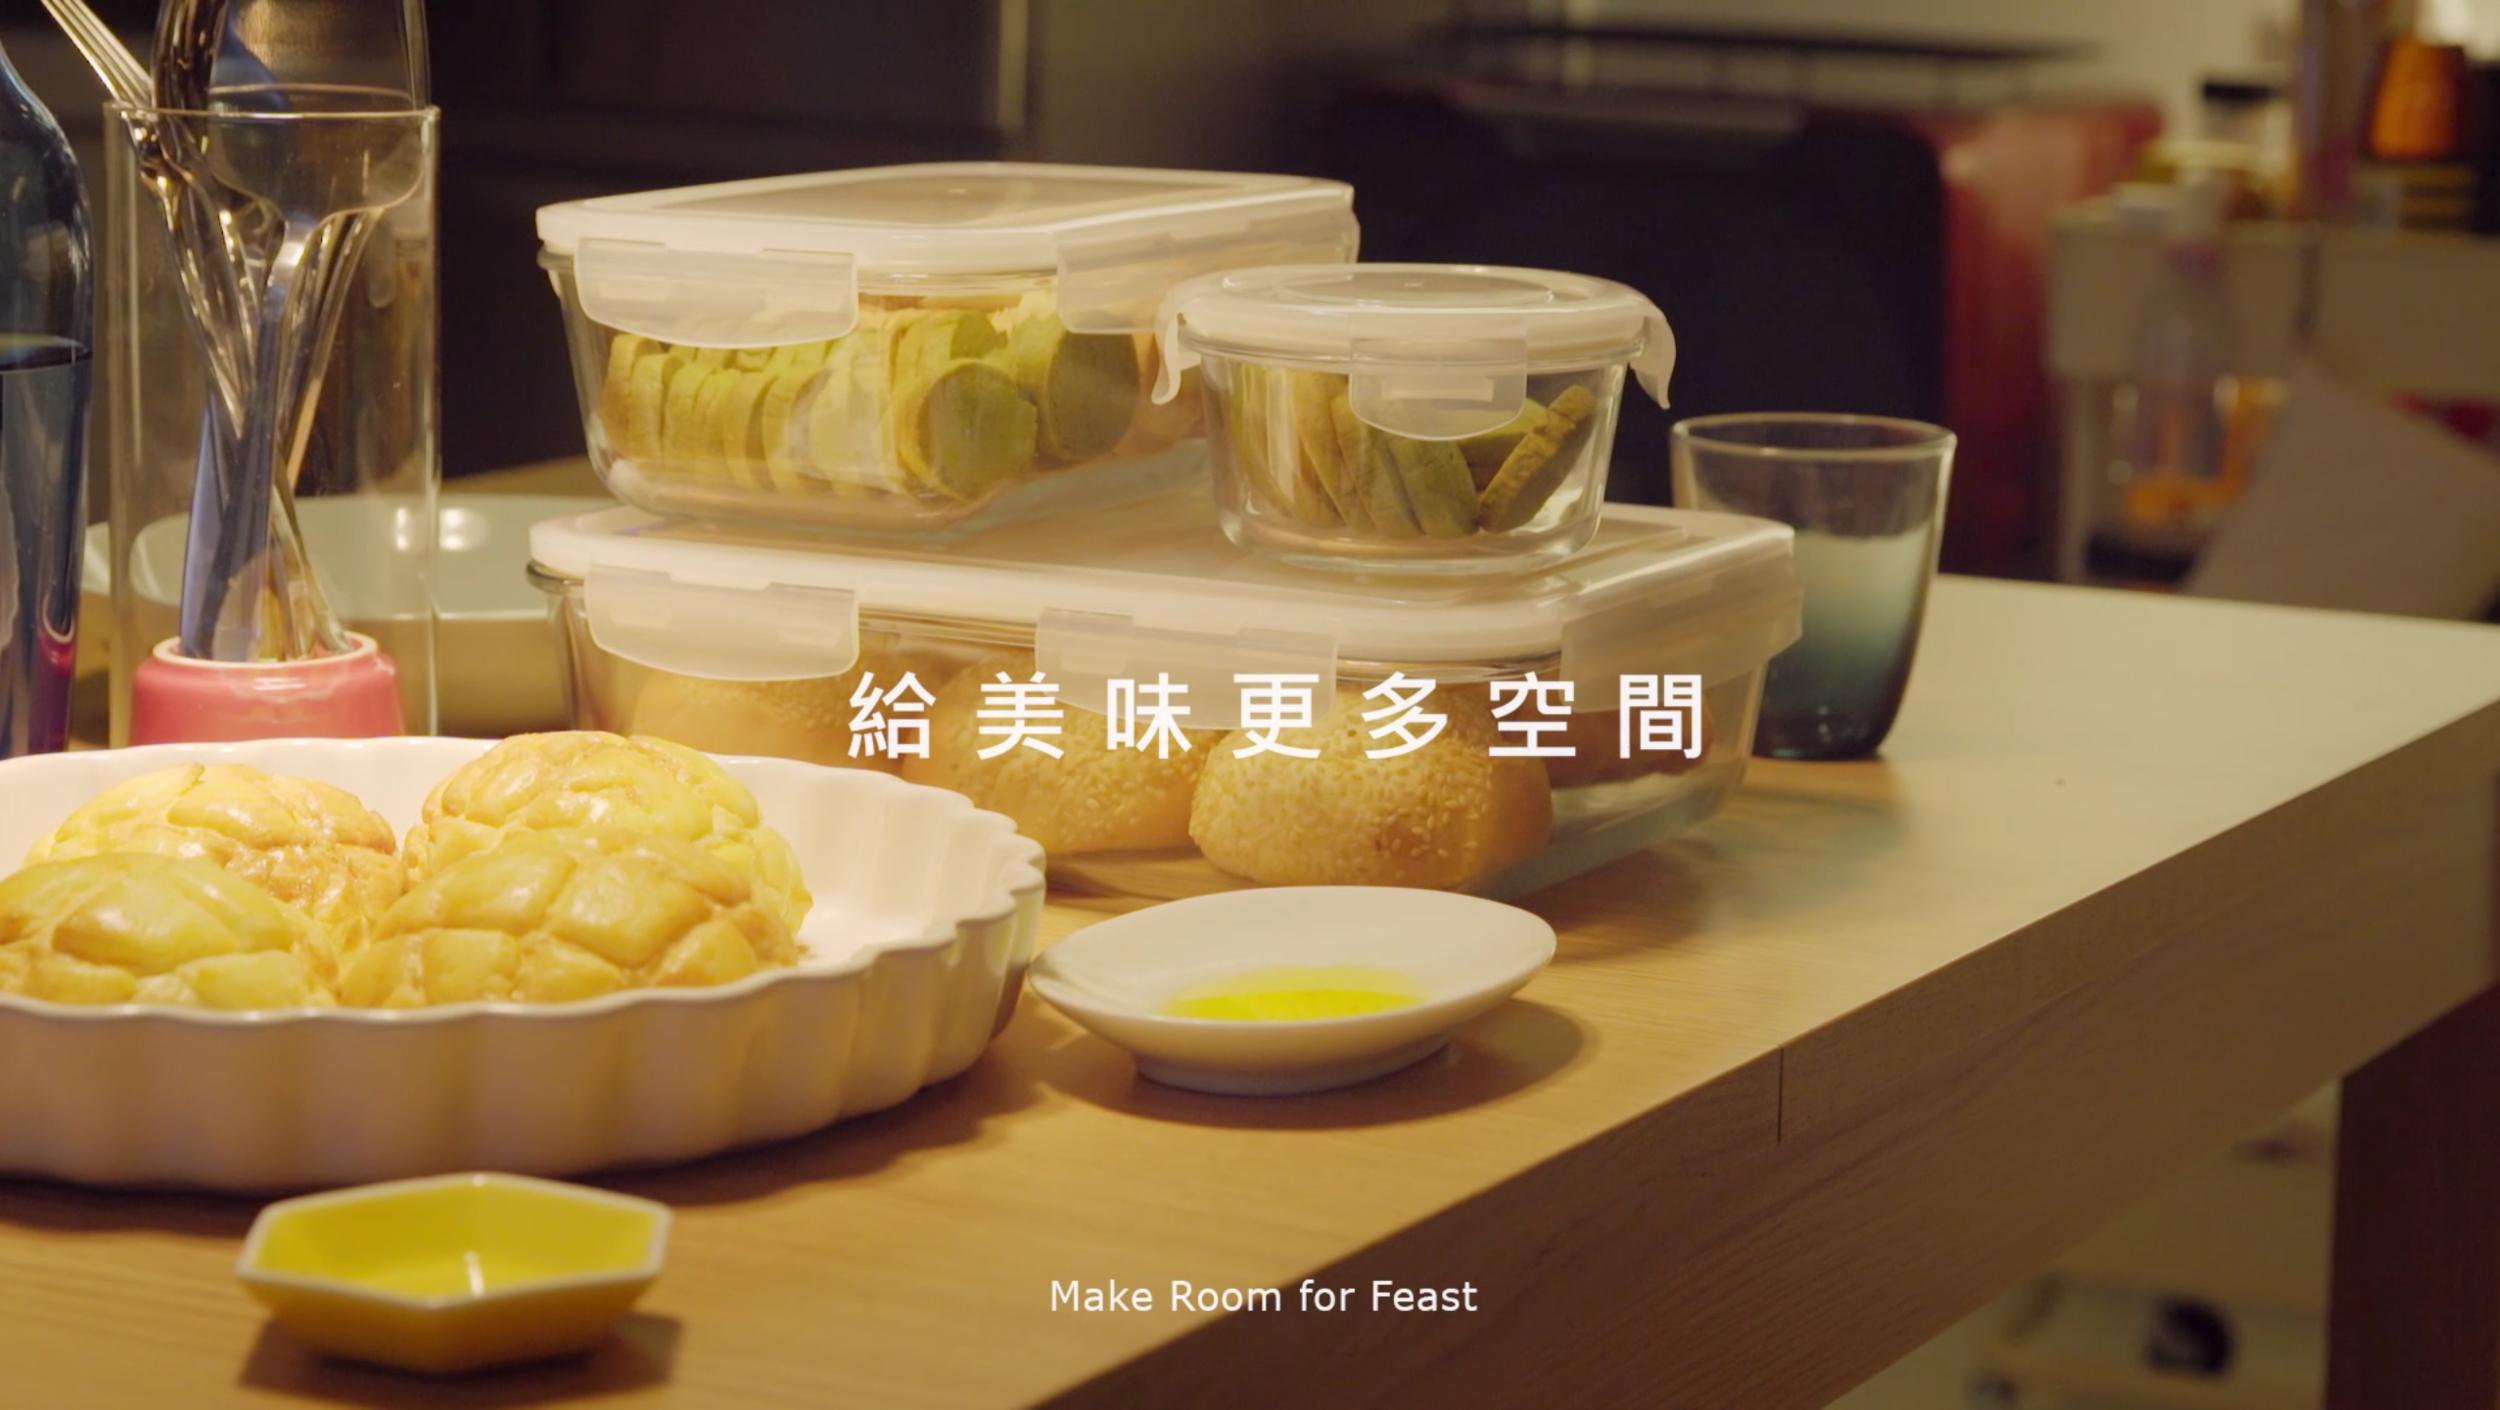 IKEA 宜家家居 居家改造 辣妈 给美味更多空间.png